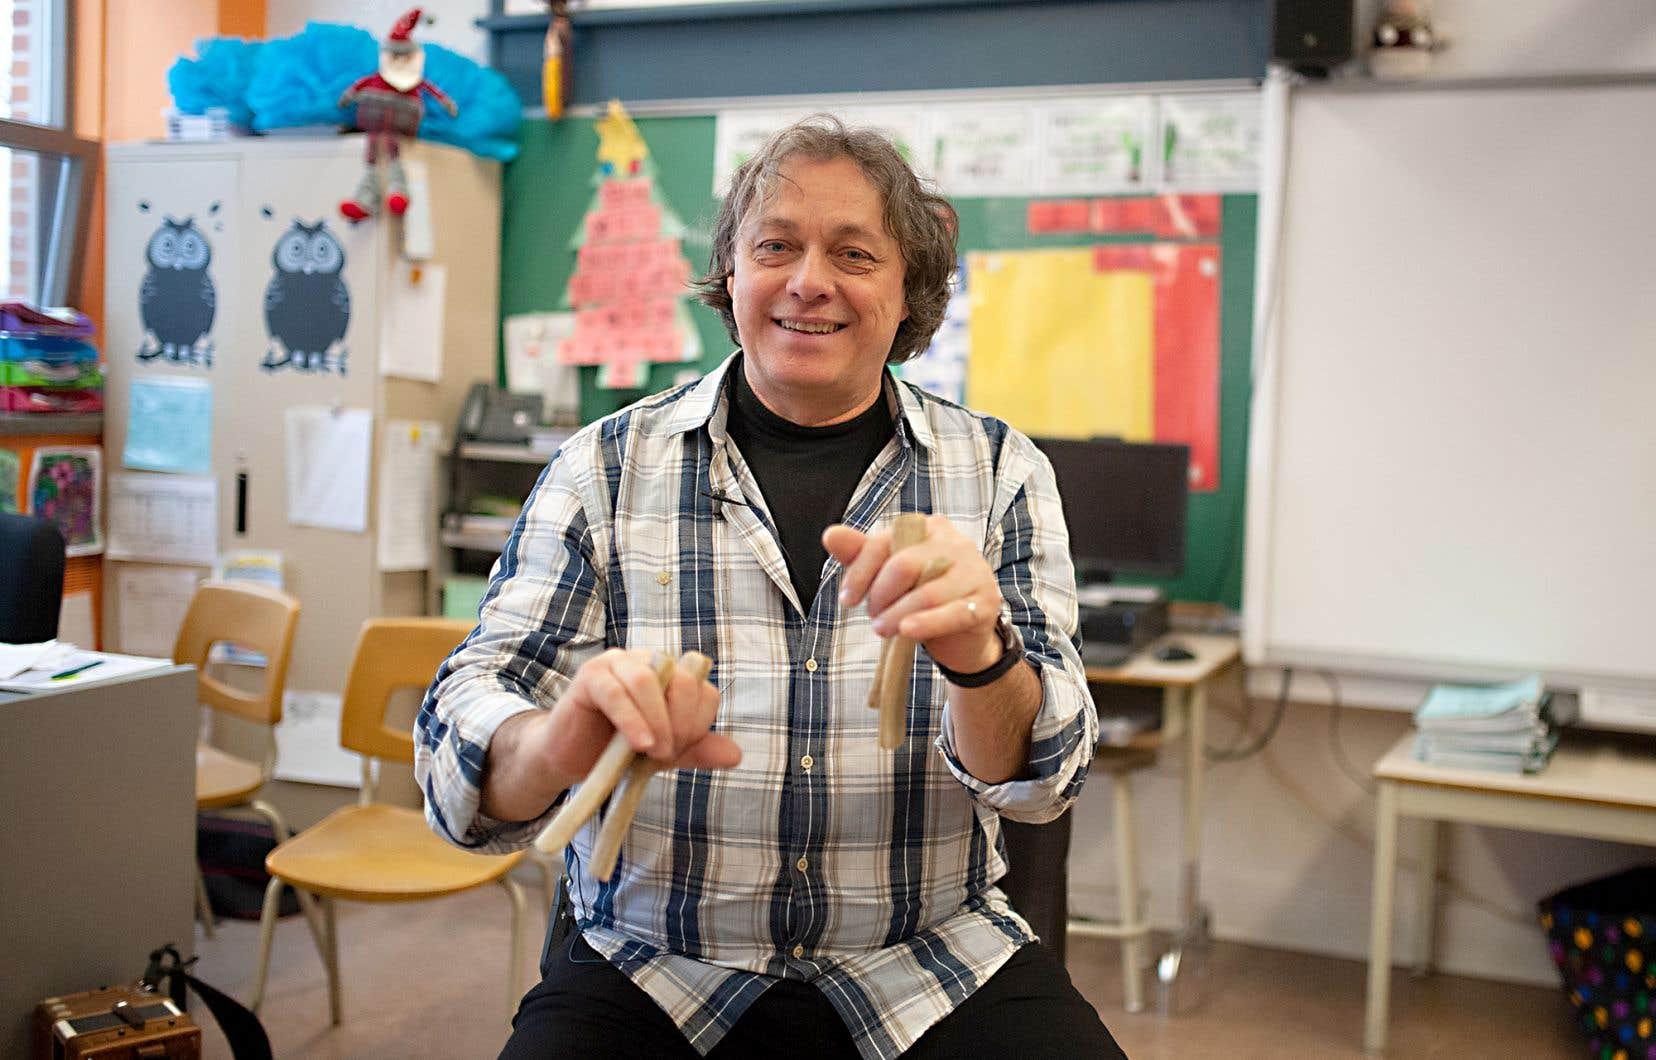 Benoît Bourque enseigne notamment la pratique musicale des osselets à des élèves de l'école primaire Saint-Jean-Bosco, à Sorel-Tracy.